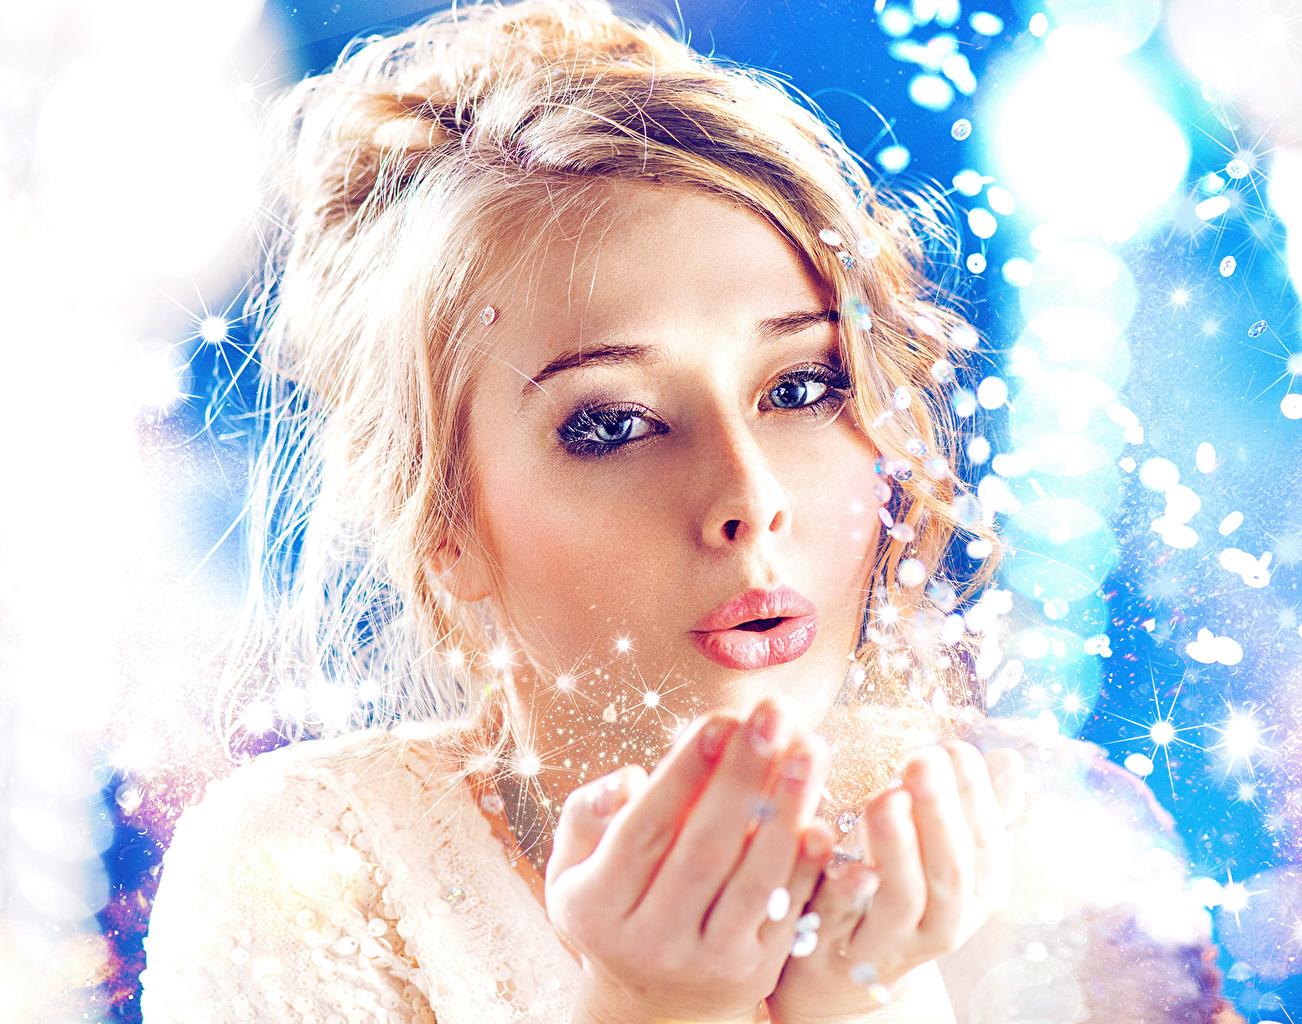 Фотографии Блондинка Лицо девушка Снежинки смотрят блондинок блондинки лица Девушки снежинка молодые женщины молодая женщина Взгляд смотрит